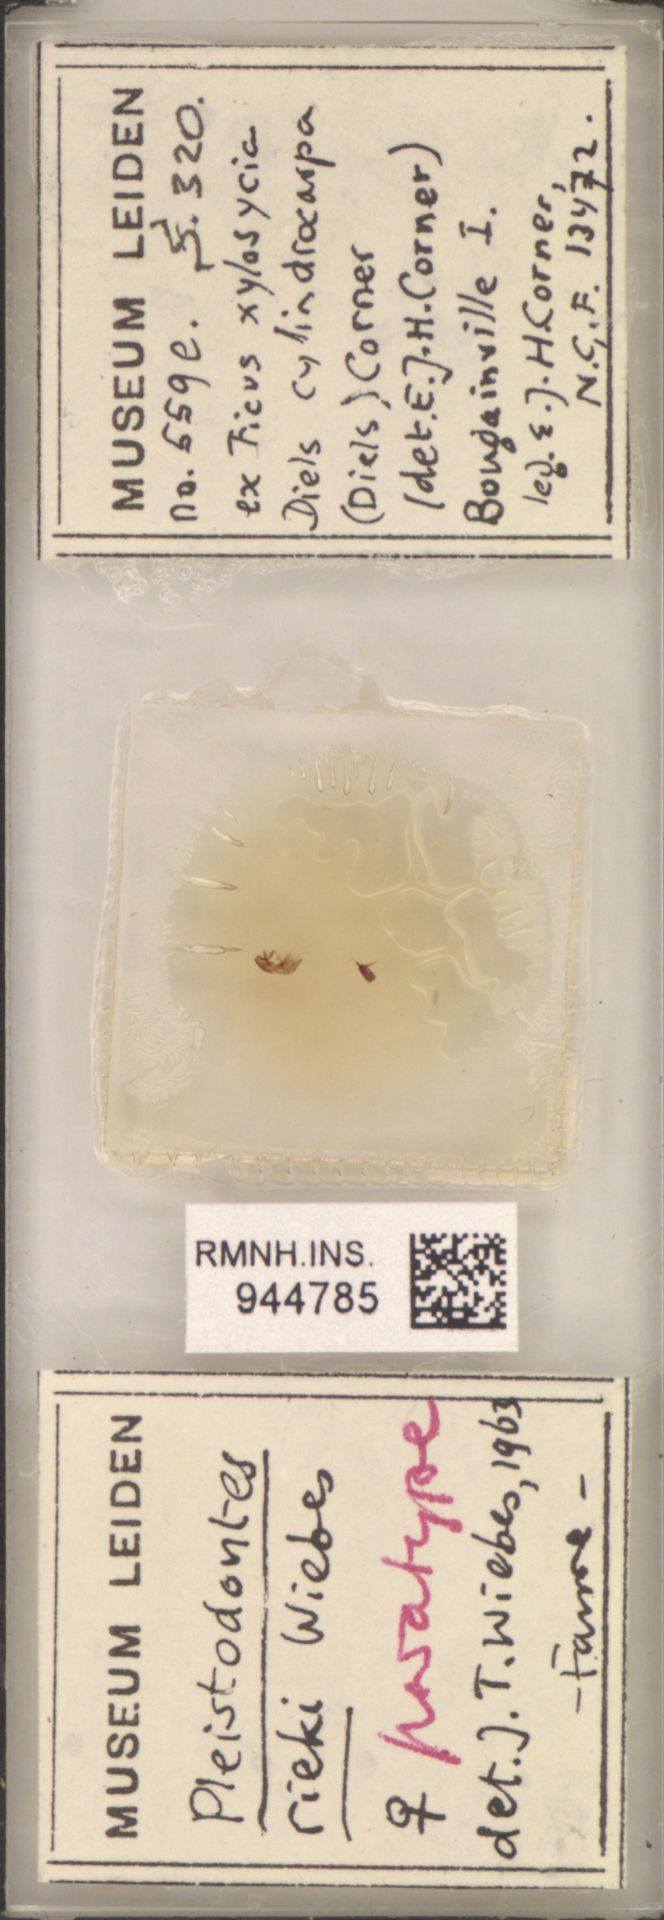 RMNH.INS.944785 | Pleistodontes rieki Wiebes